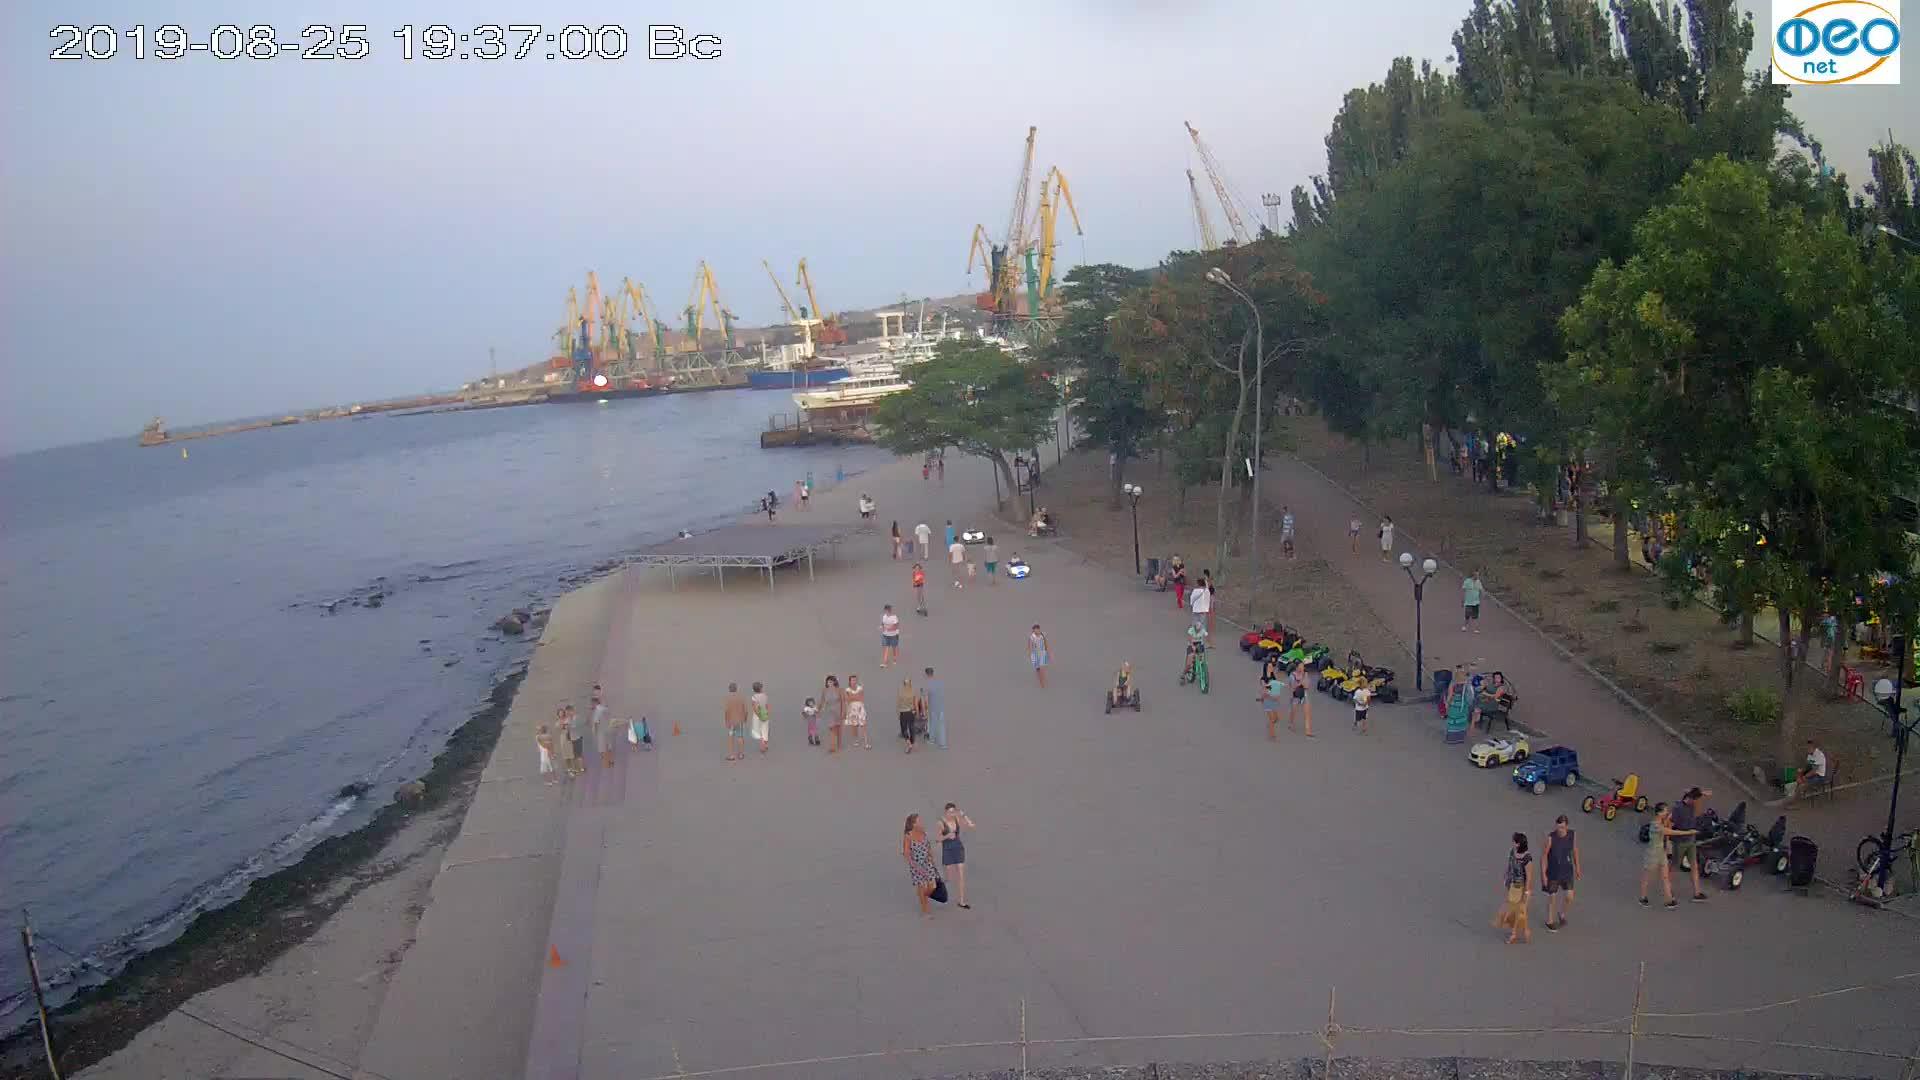 Веб-камеры Феодосии, Набережная Десантников, 2019-08-25 19:40:08